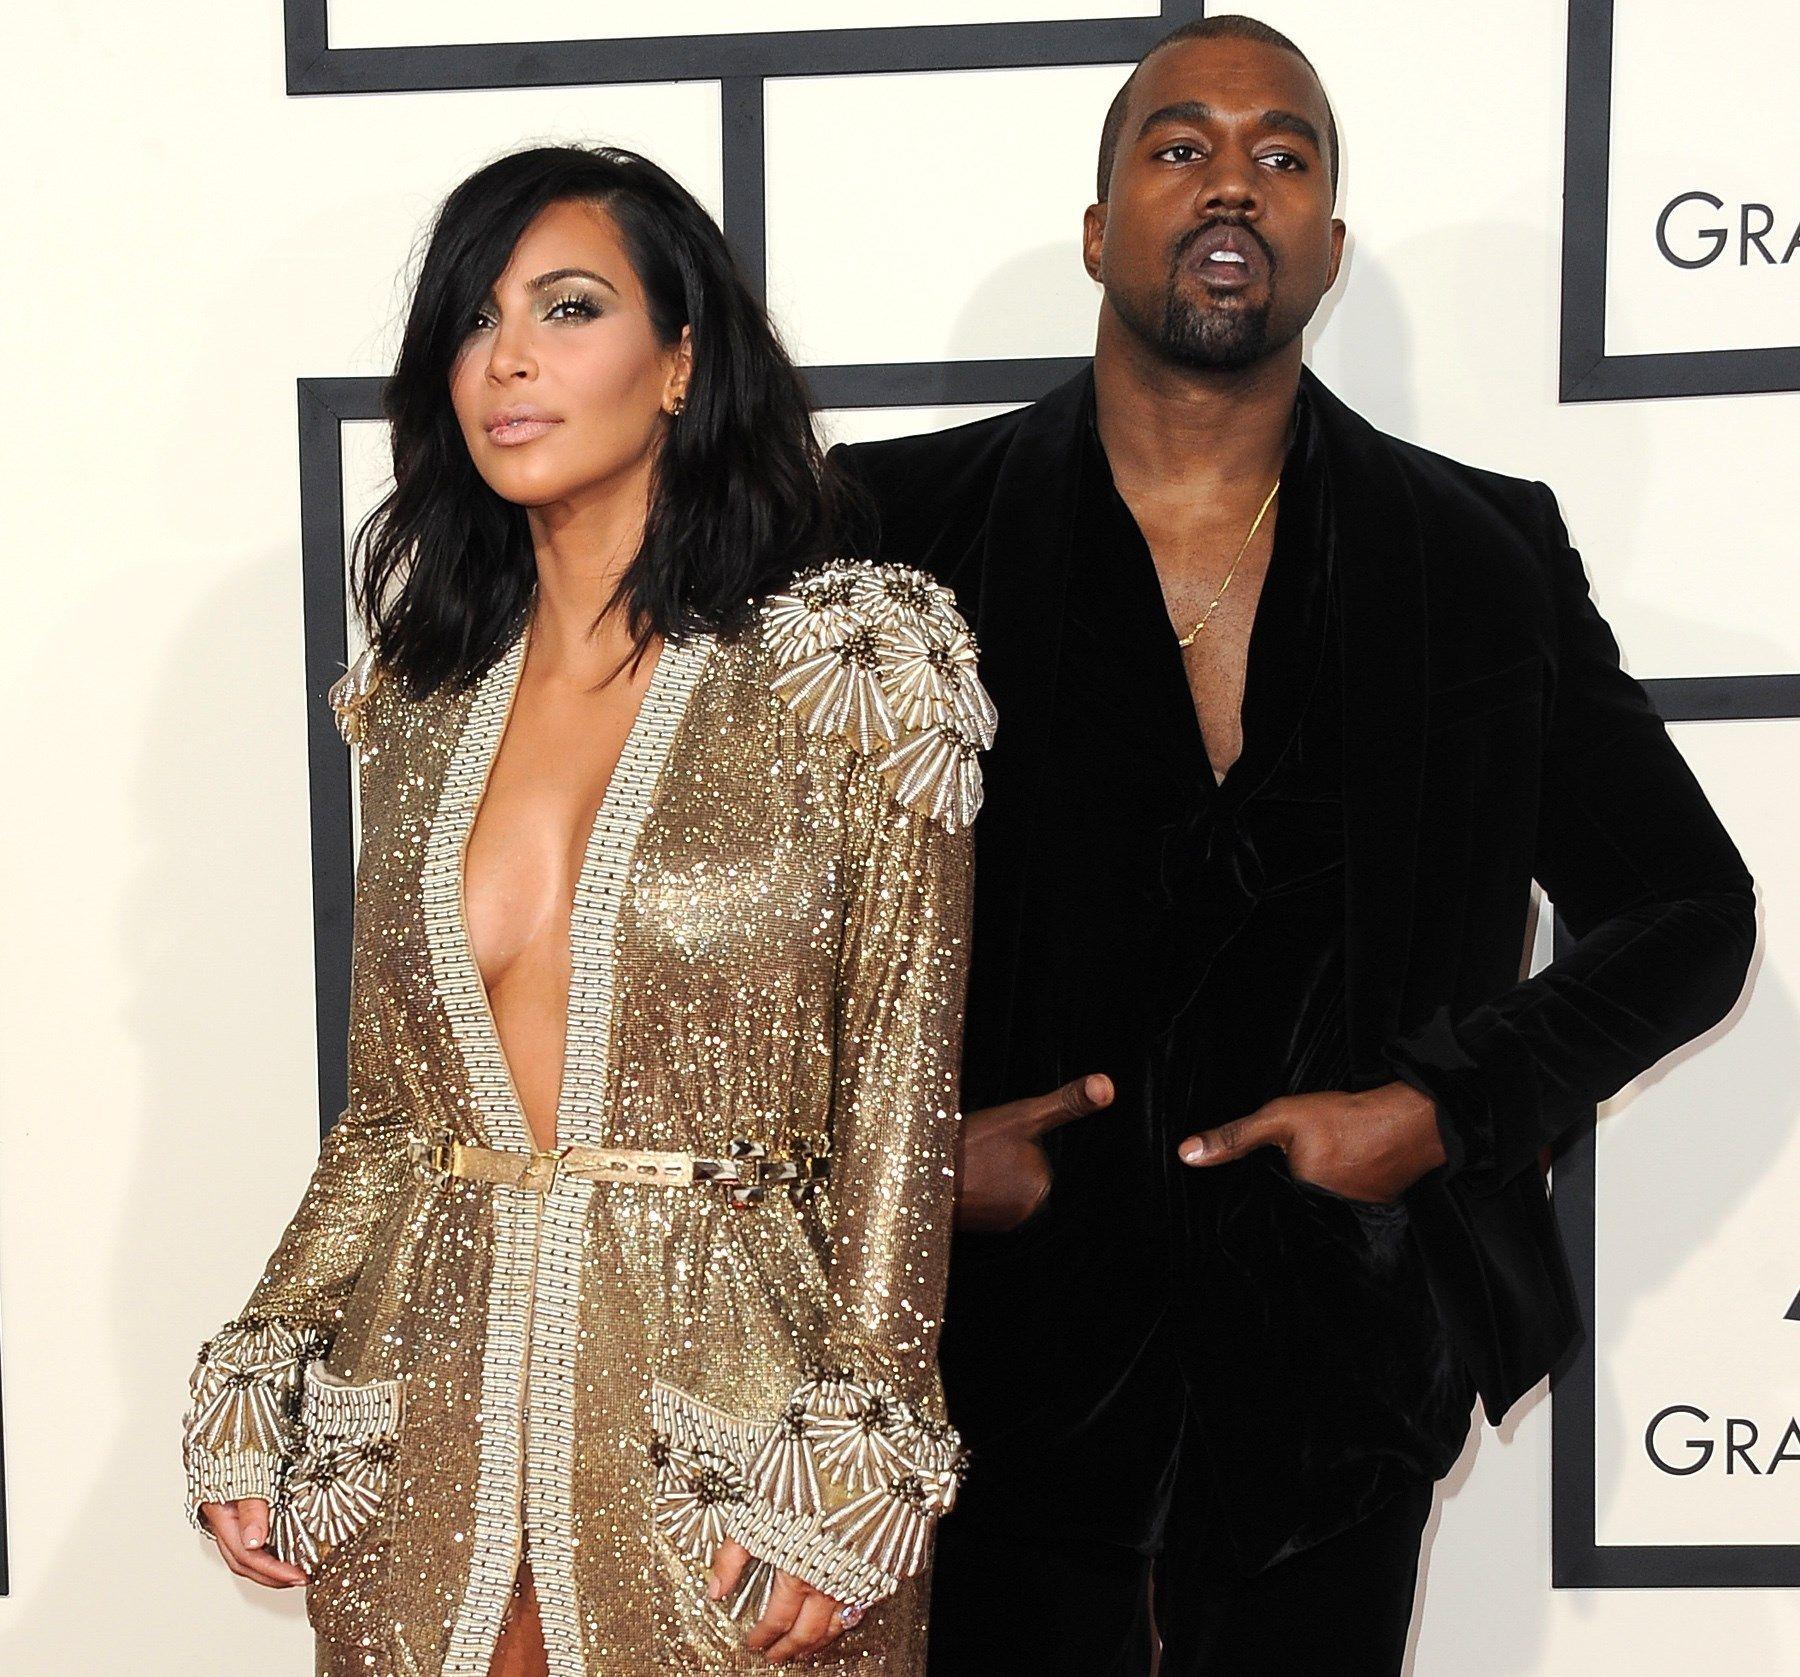 «NORGESVENN»: Kanye West, her sammen med sin kone Kim Kardashian. Foto: AFP